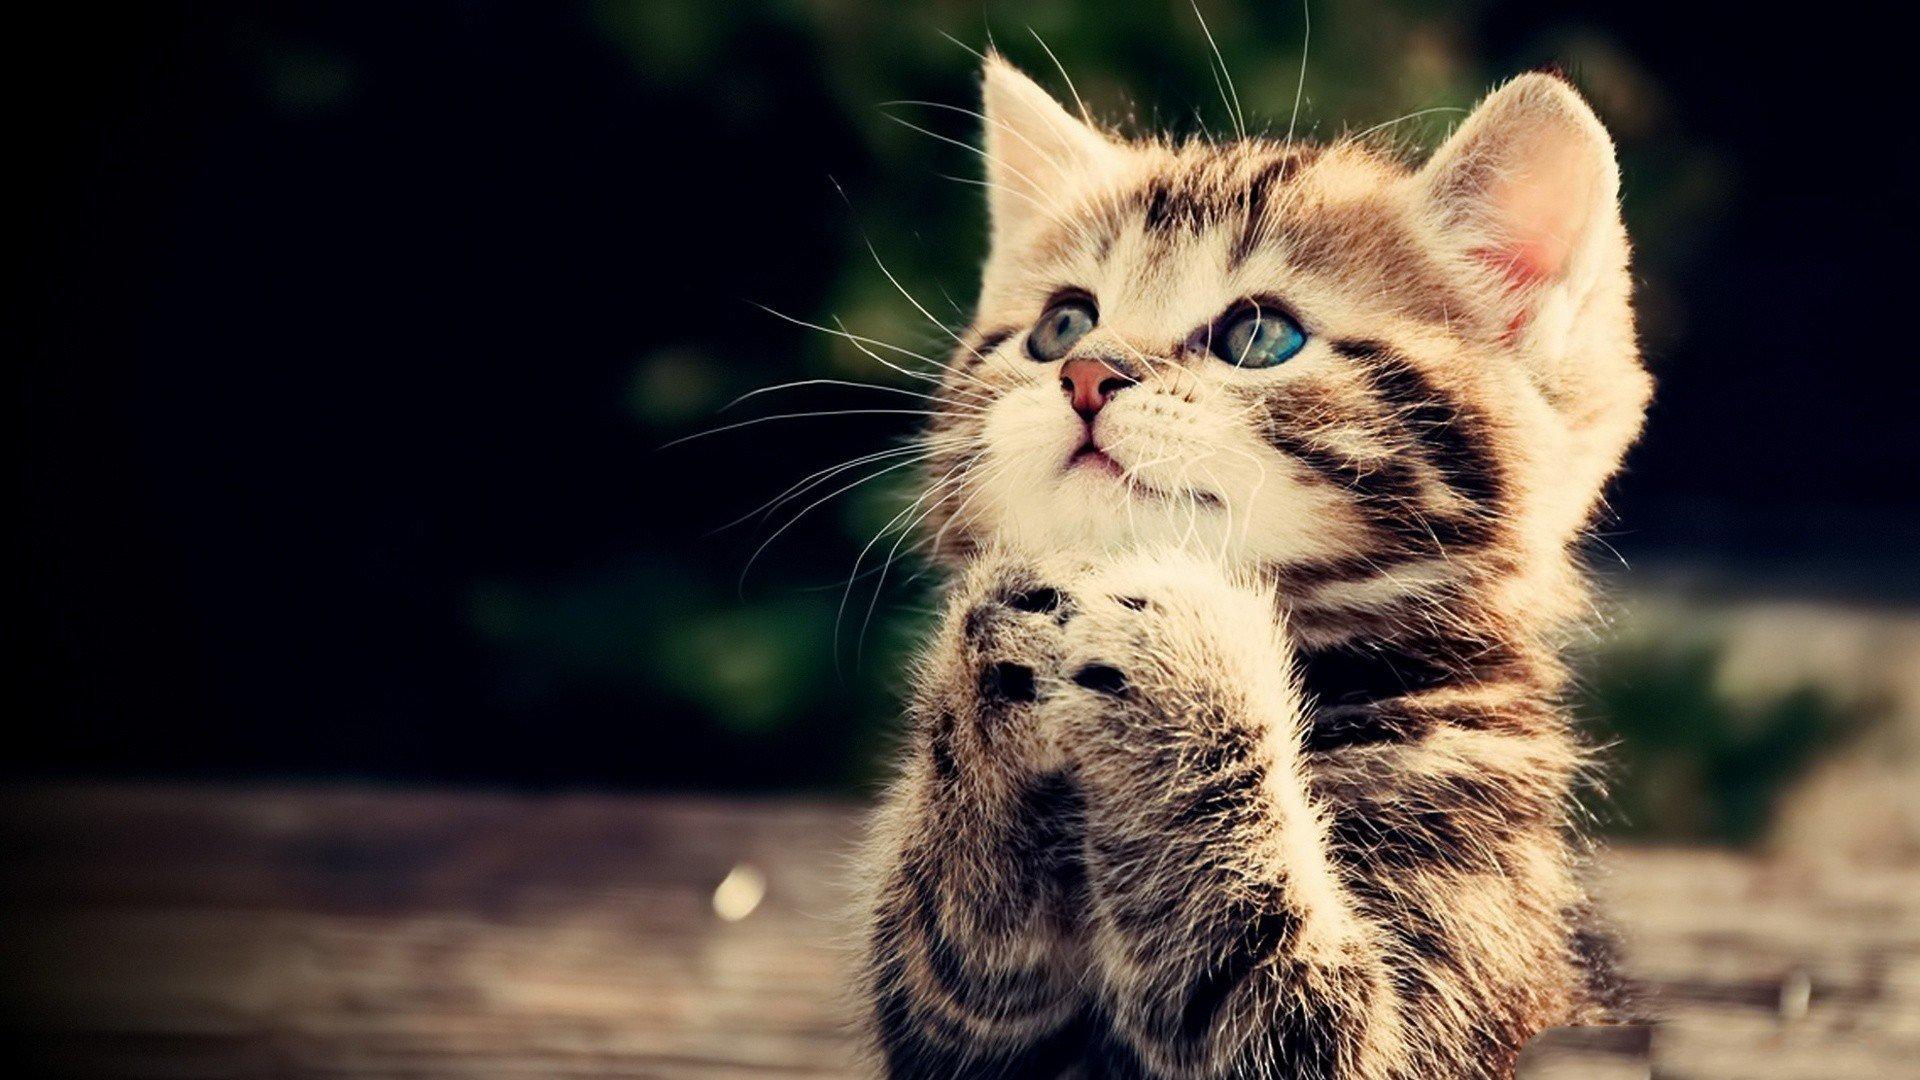 dua eden kedi resmi